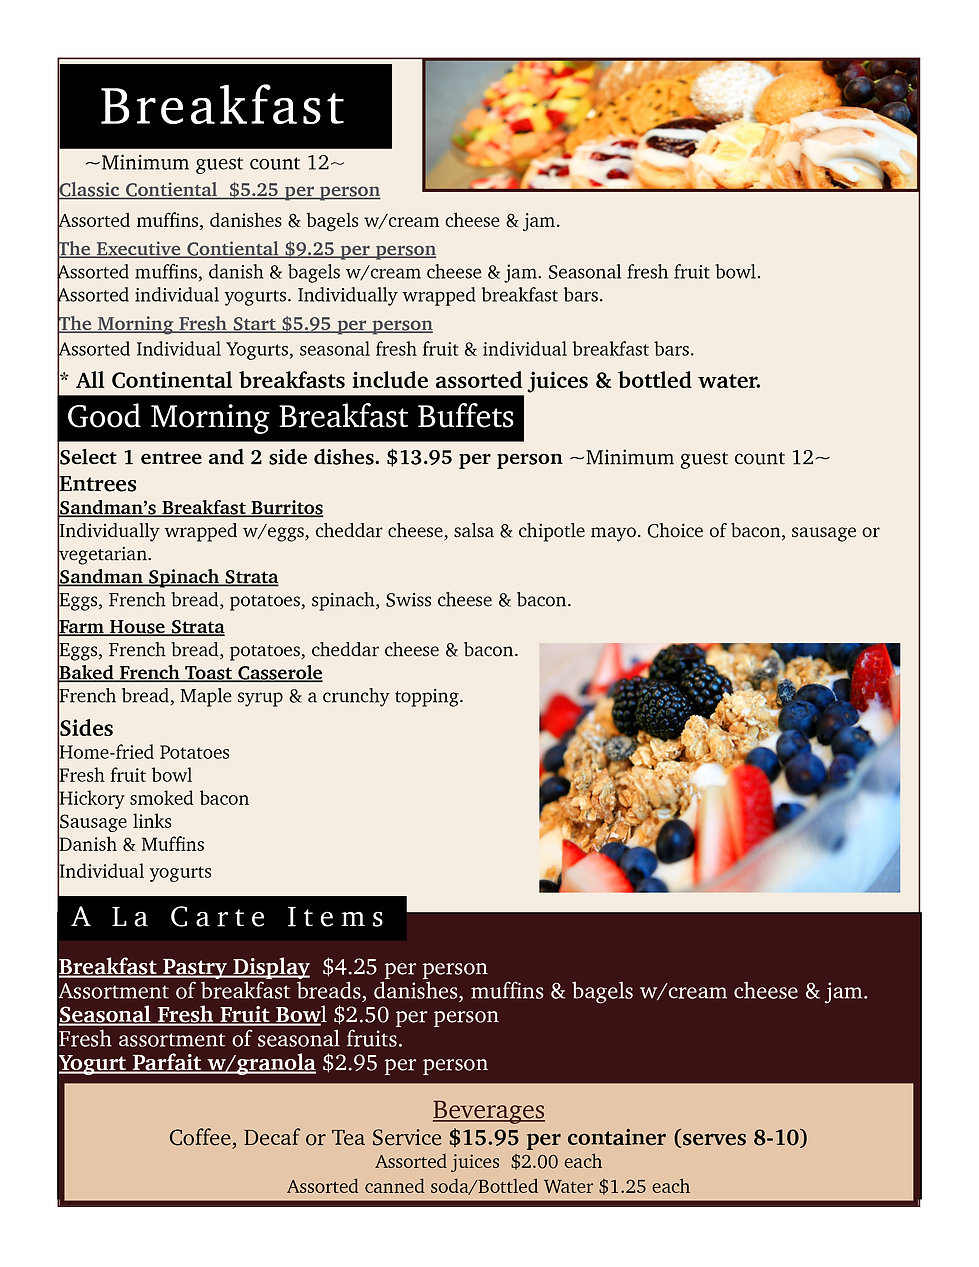 breakfast, catering, continental breakfast, eggs, breakfast sandwich, fresh fruit, coffee, bagels, hot buffets, corporate breakfast catering